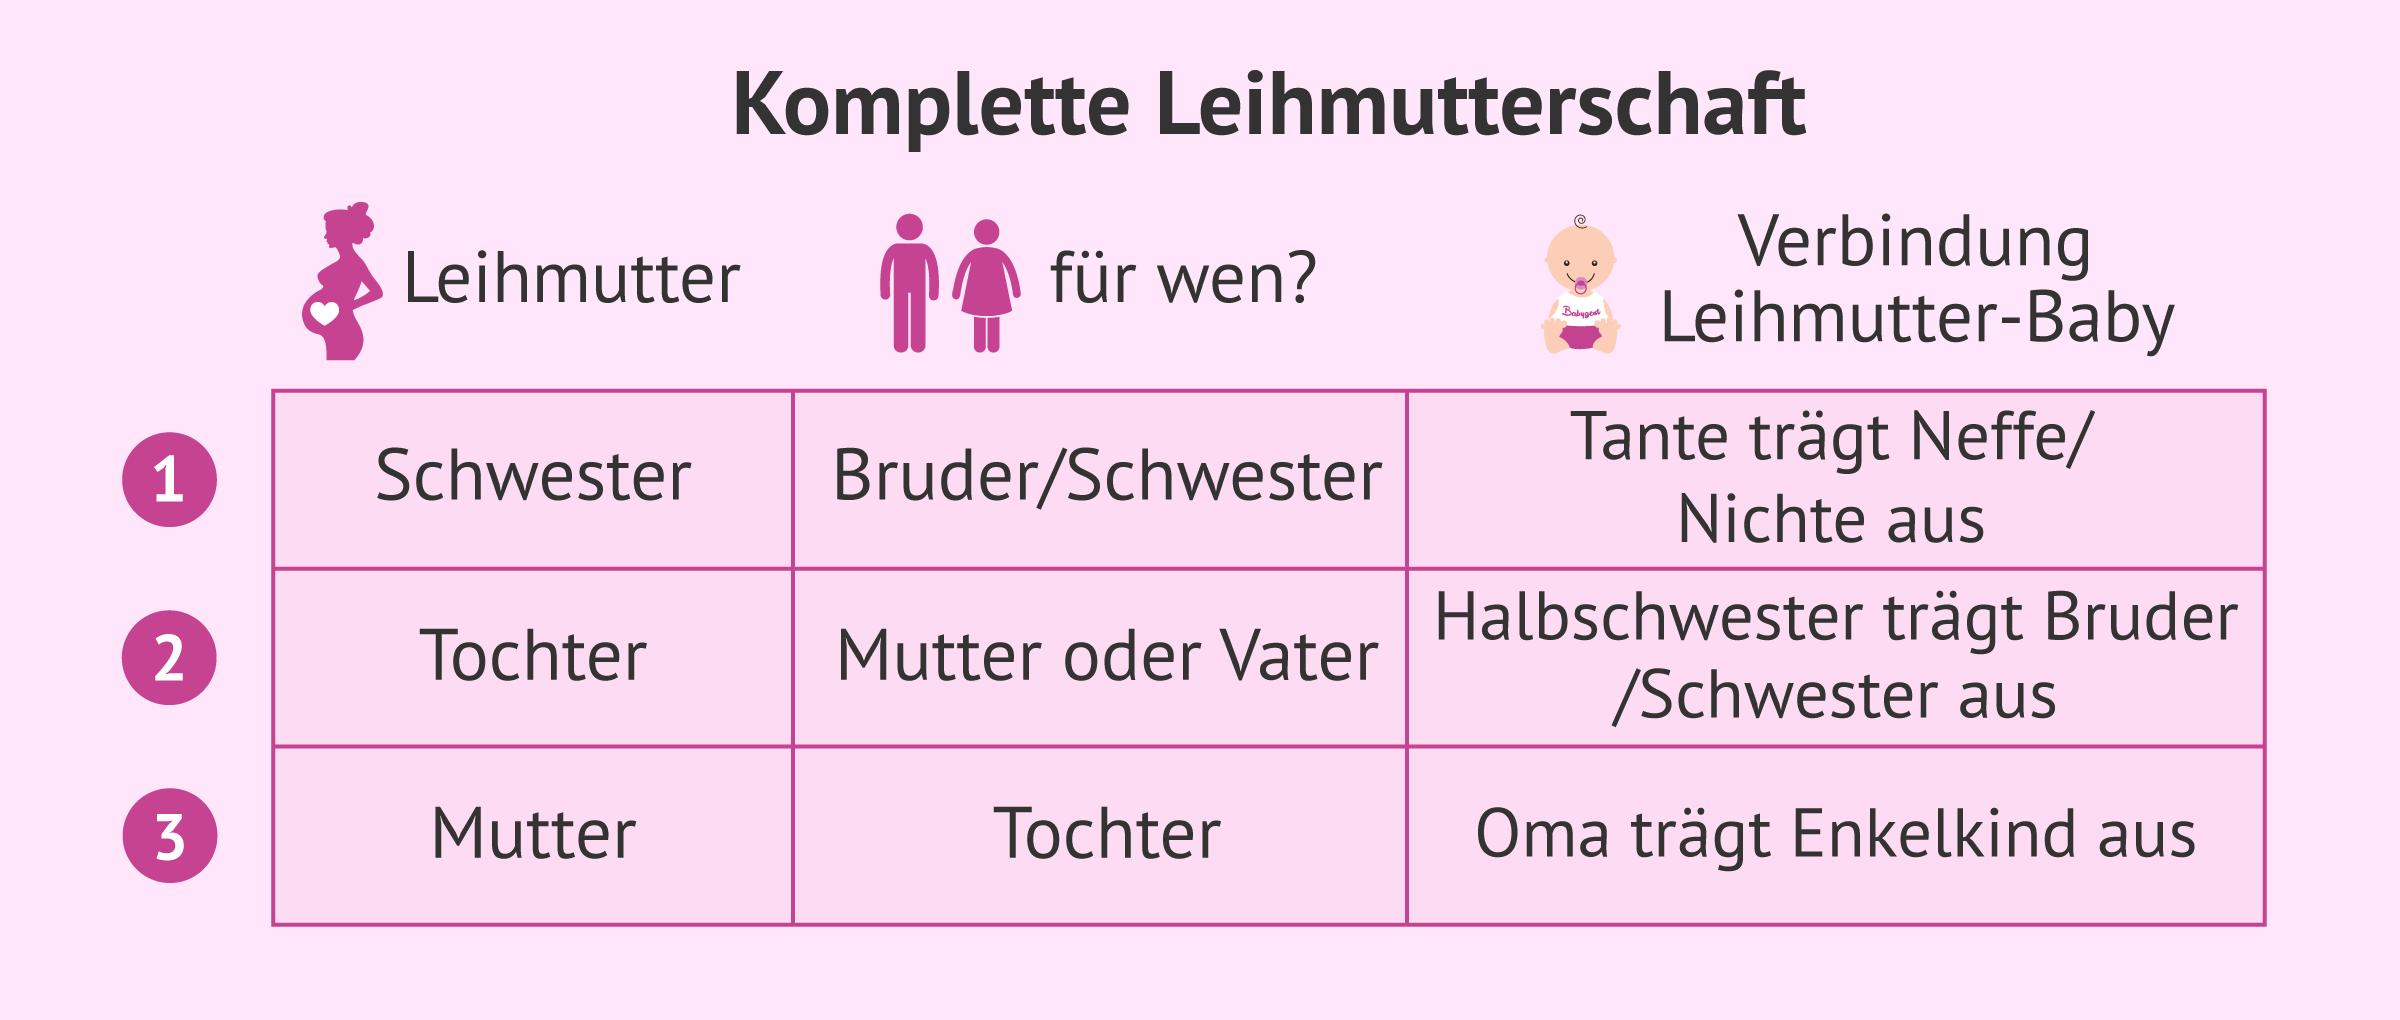 Komplette Leihmutterschaft: Kombinationen unter Familienmitgliedern